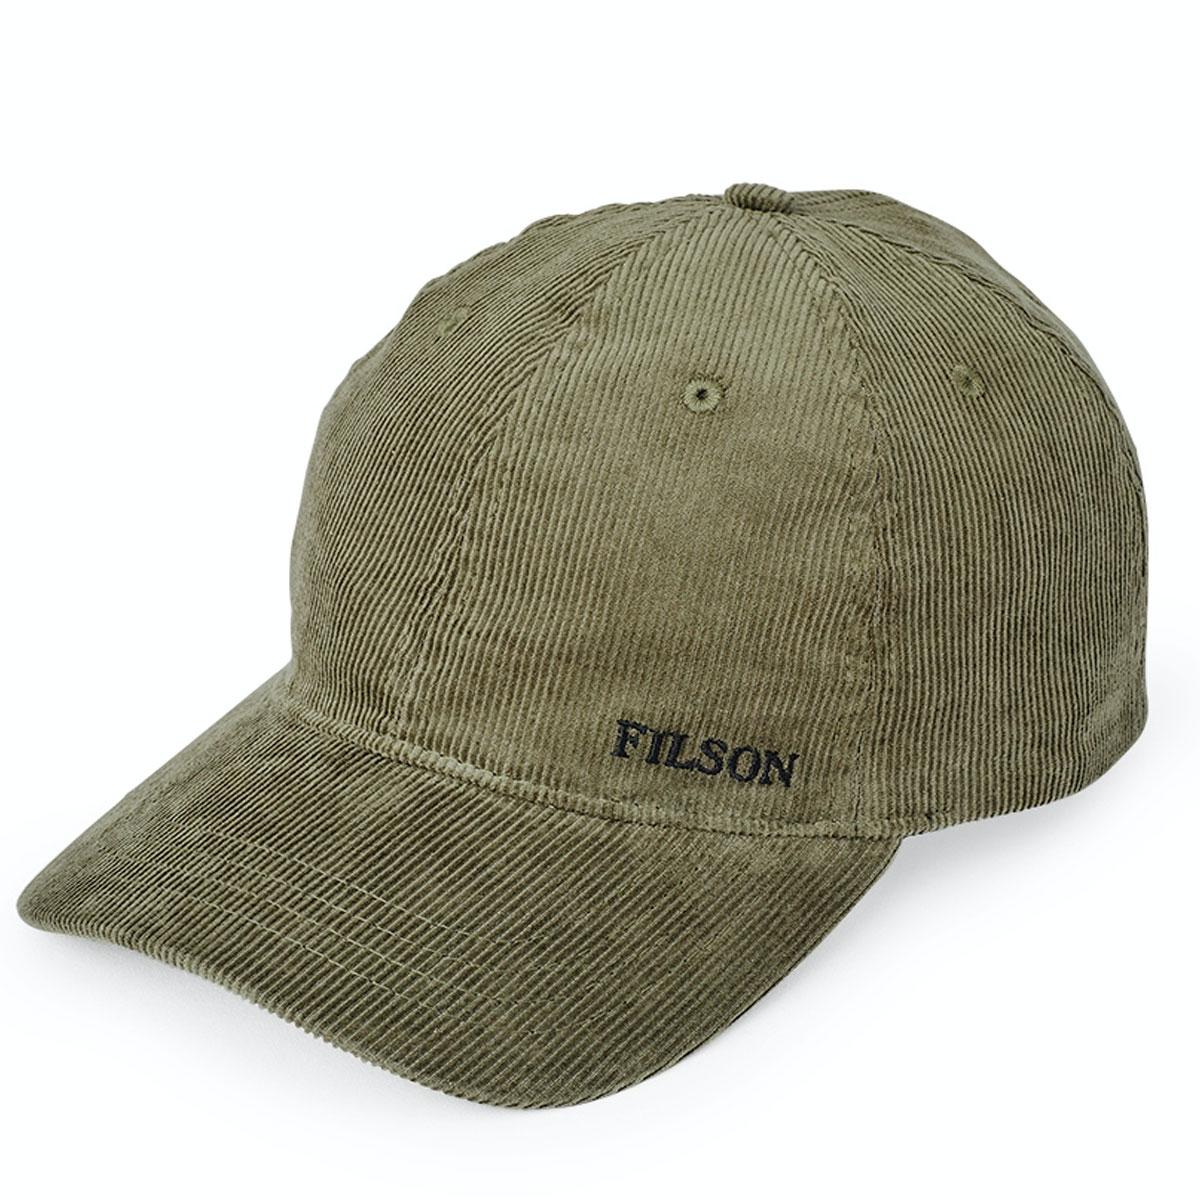 Filson Cord Low-Profile Cap Olive, corduroy cap met een laag, rond profiel